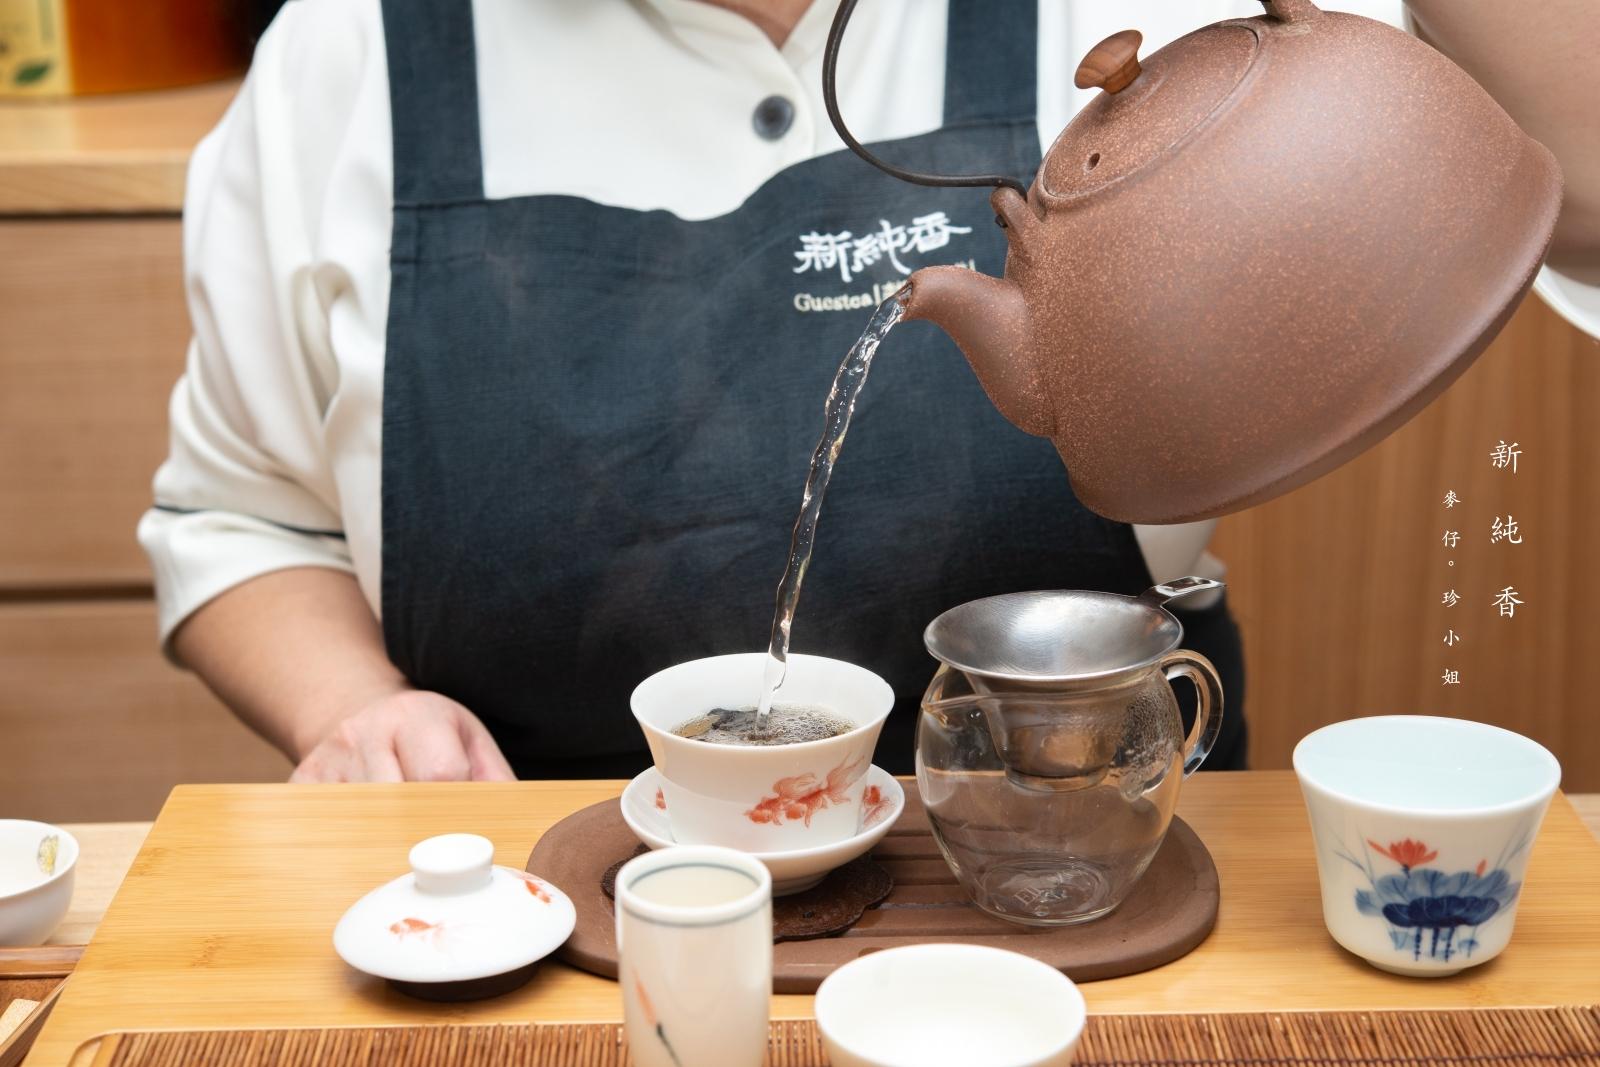 日本茶道結合台灣好茶。新純香款茶舖 Guestea シンジュンコウ。日本觀光客最愛的台灣茶行。捷運中山站茶行推薦